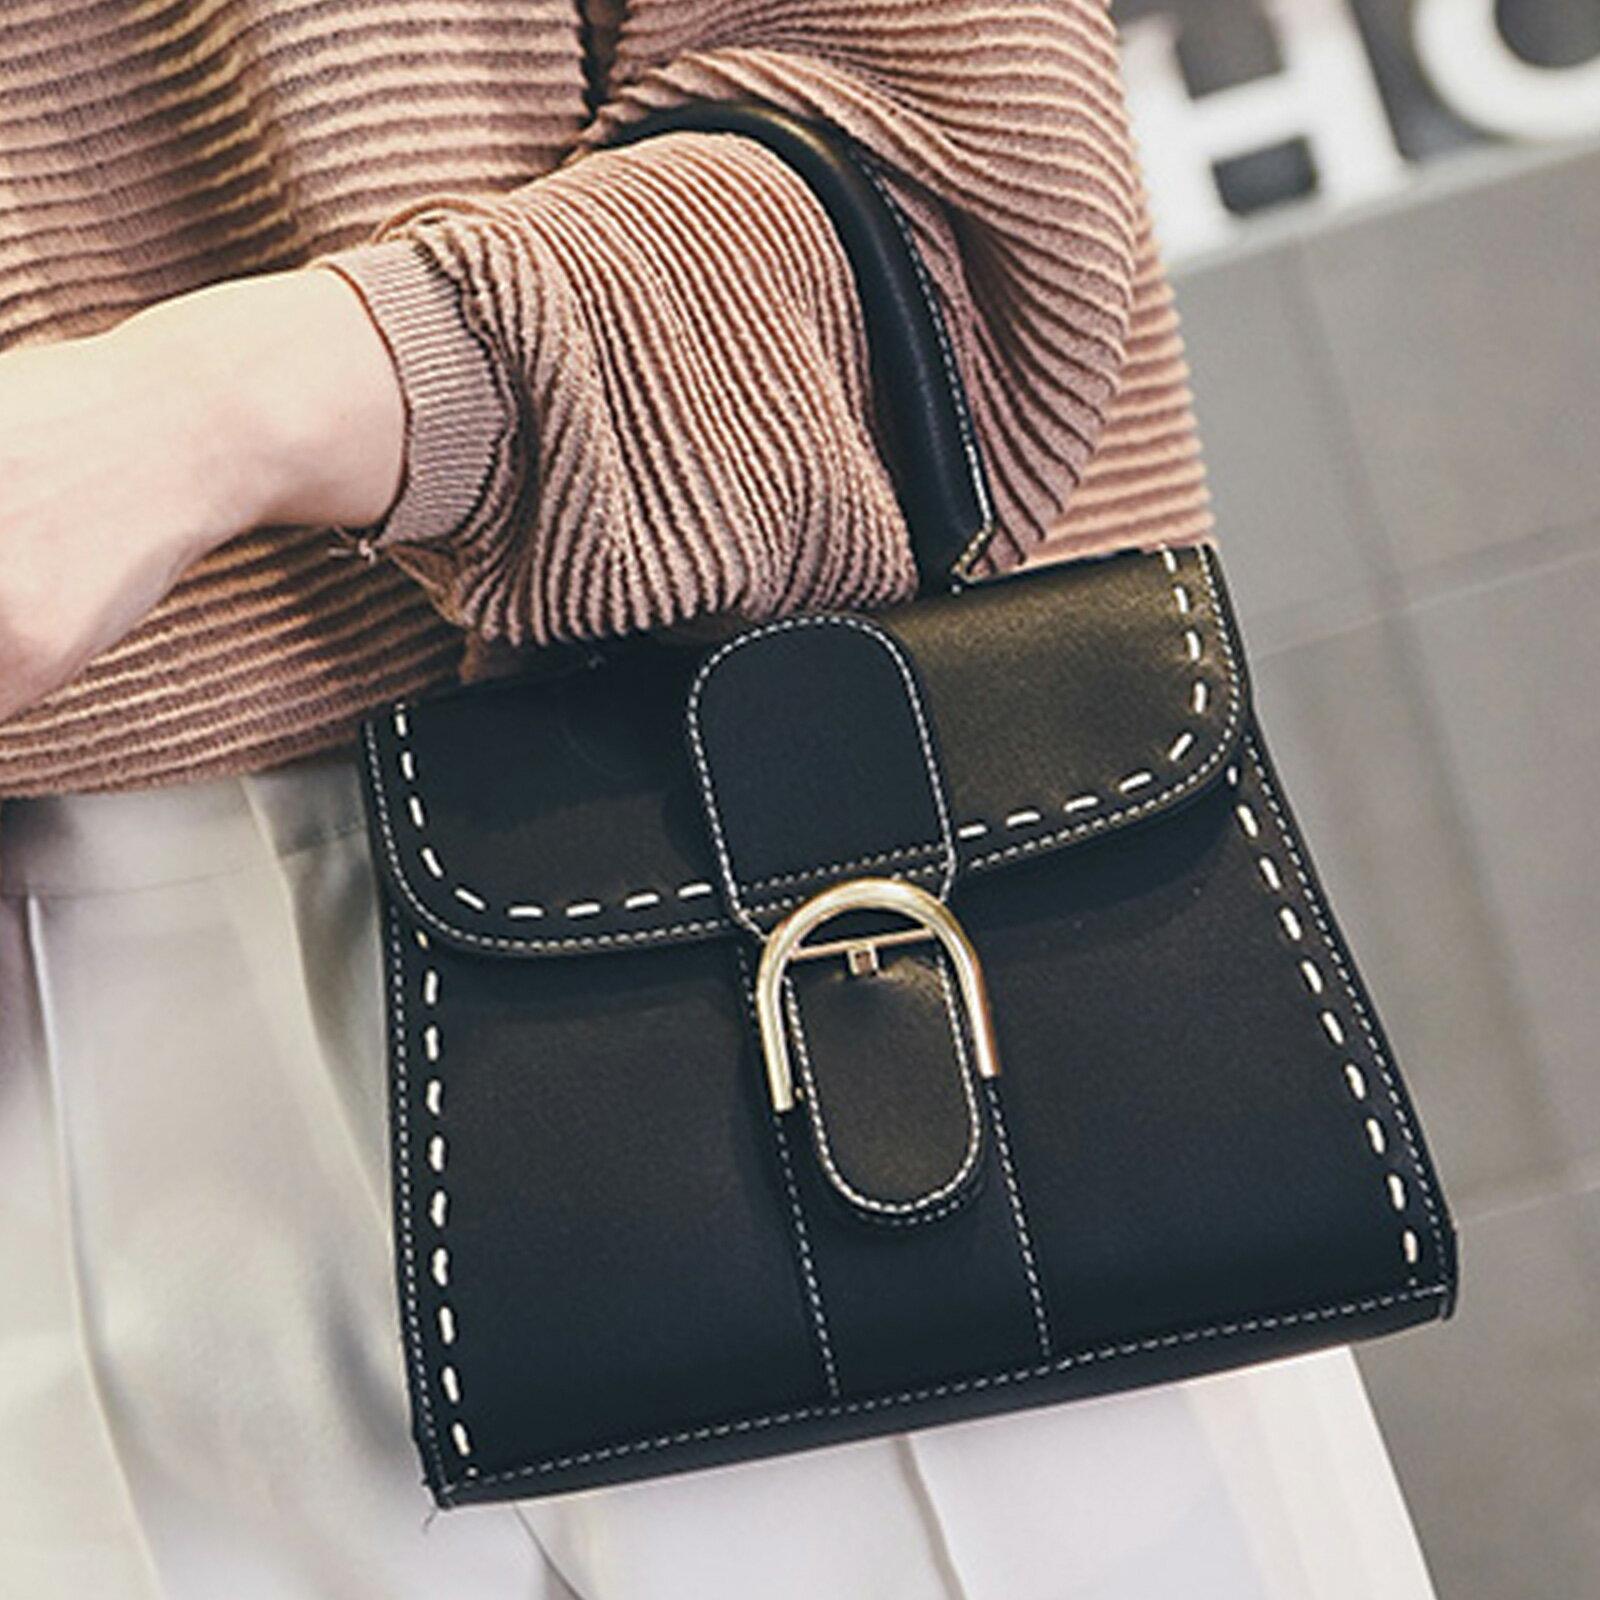 手提包 韓版時尚扣環小方包側背包【O3153】☆雙兒網☆ 3